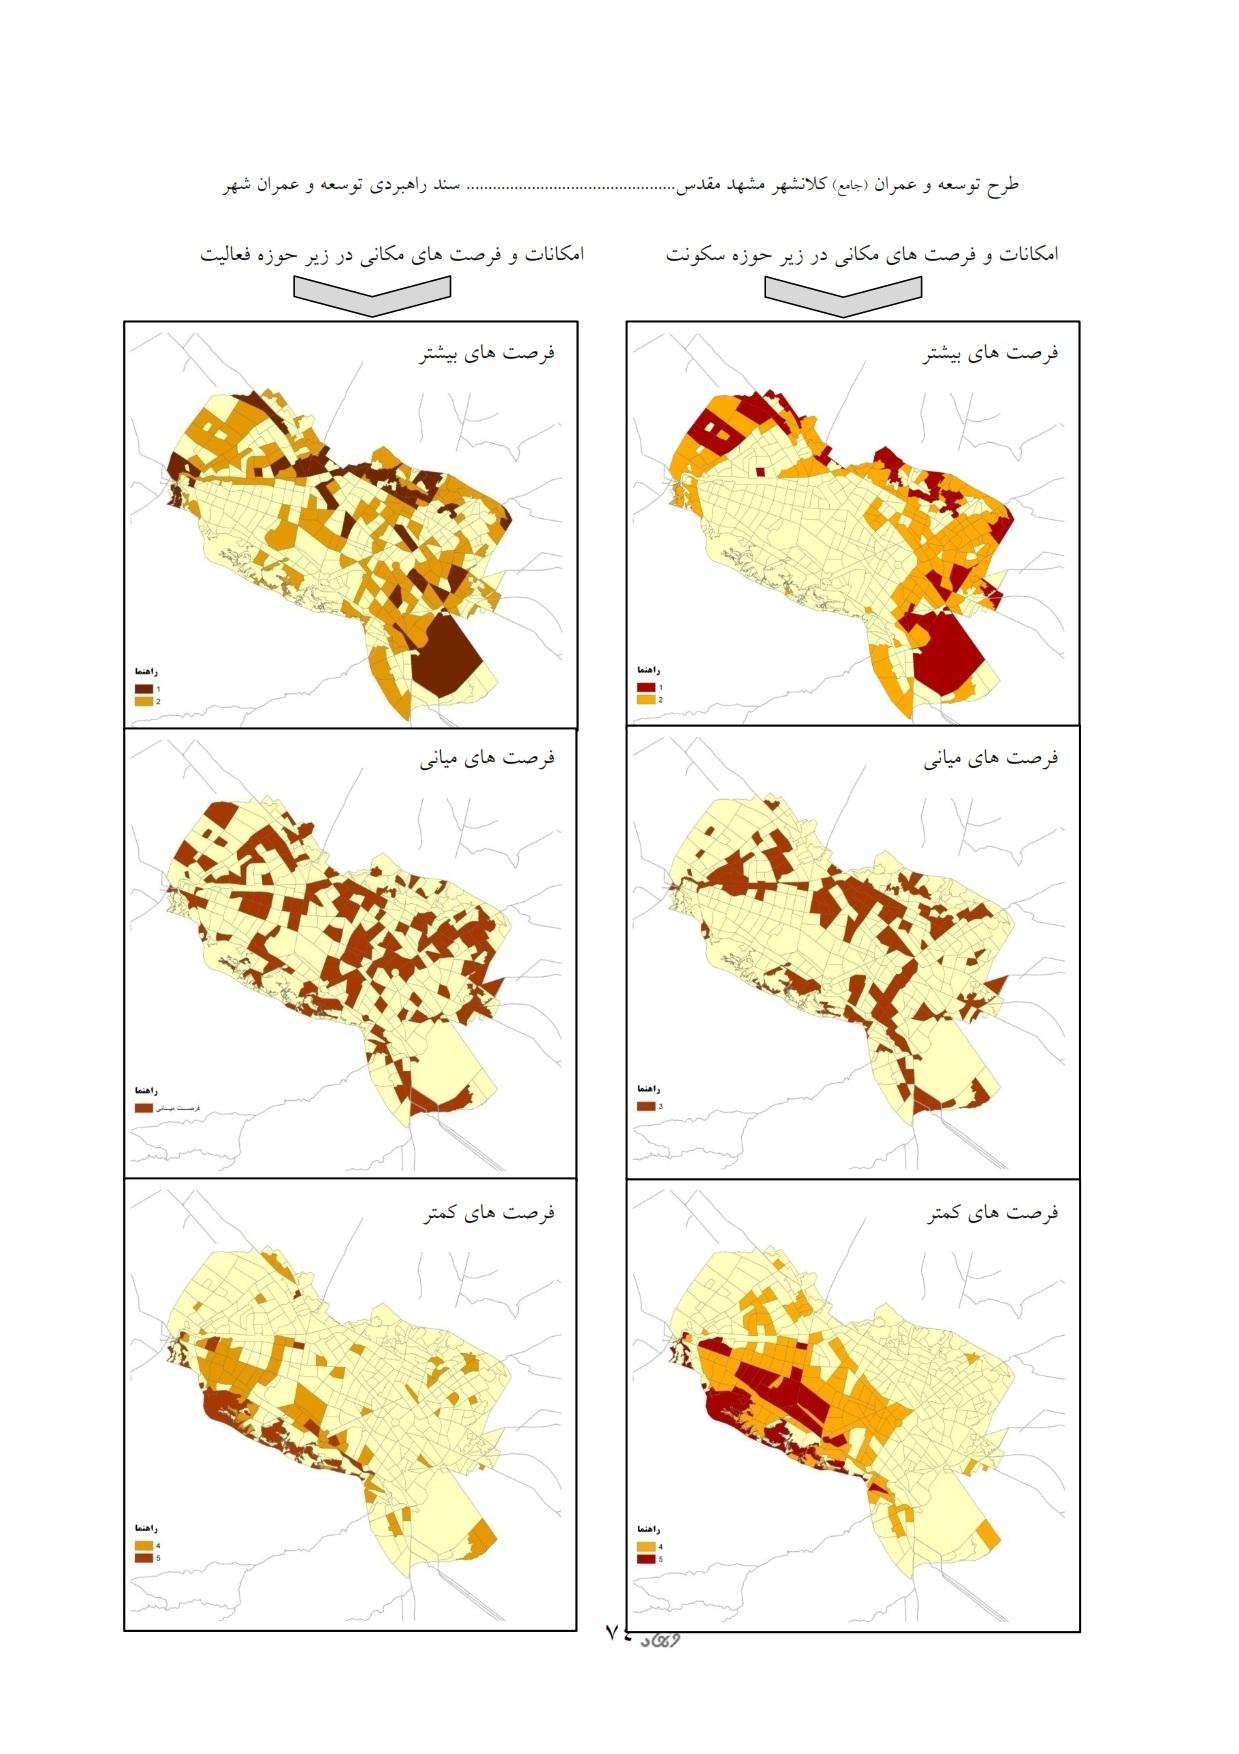 دانلود رایگان جدیدترین فایل نقشه اتوکد شهر مشهد با فرمت DWG طرح تفضیلی